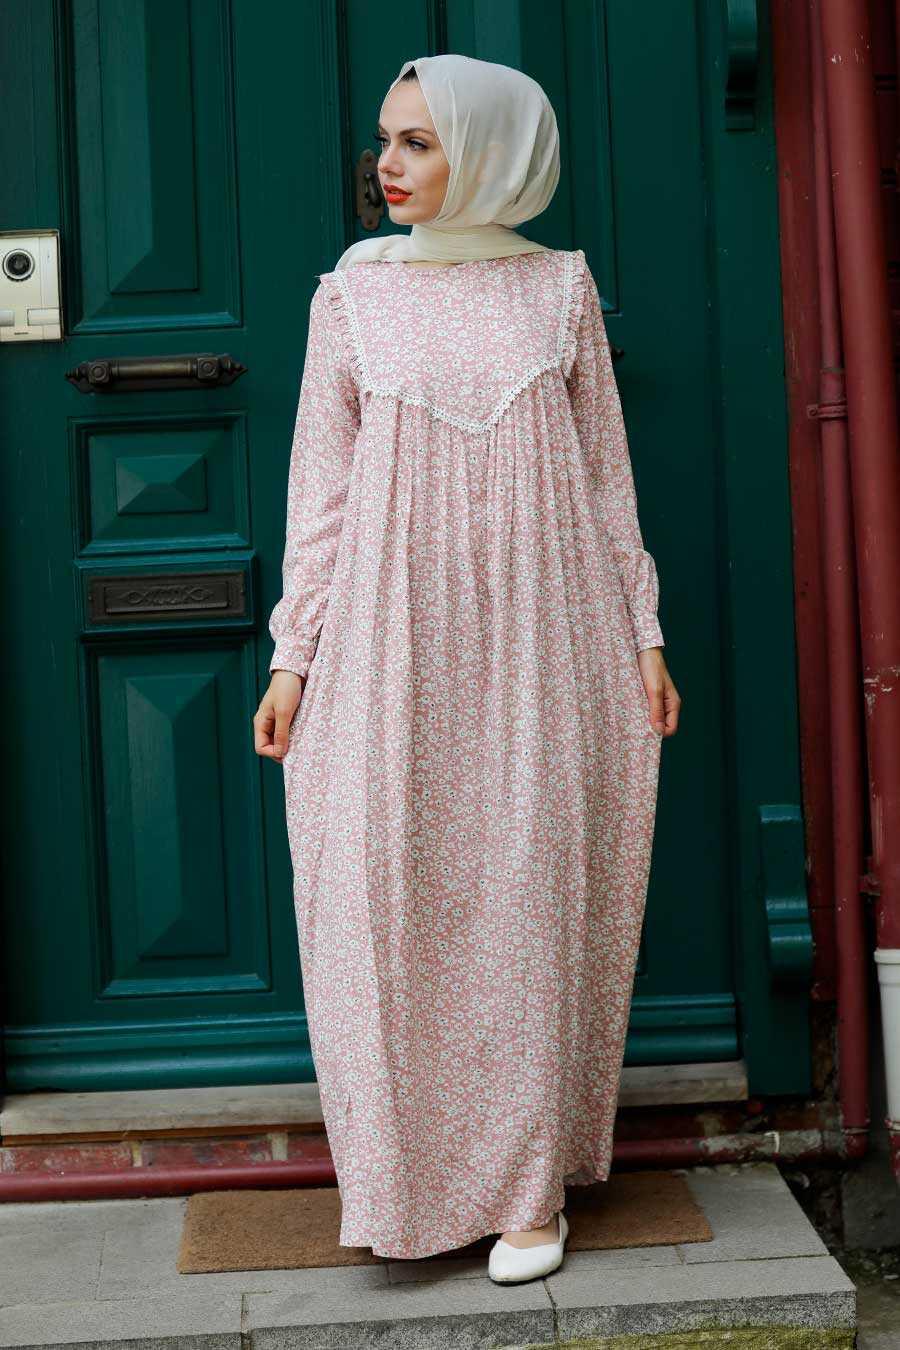 Powder Pink Hijab Dress 7660PD